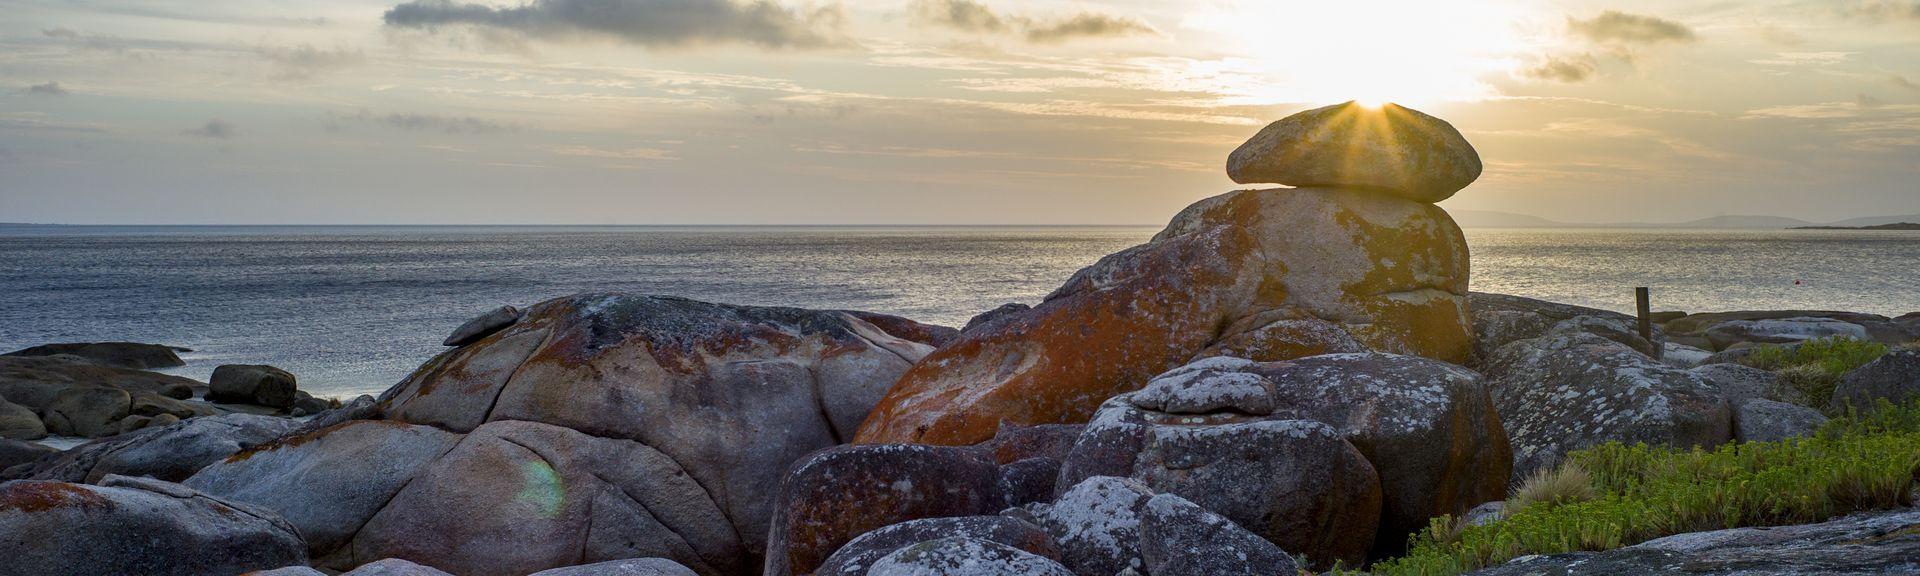 Flinders Island, TAS, Australia